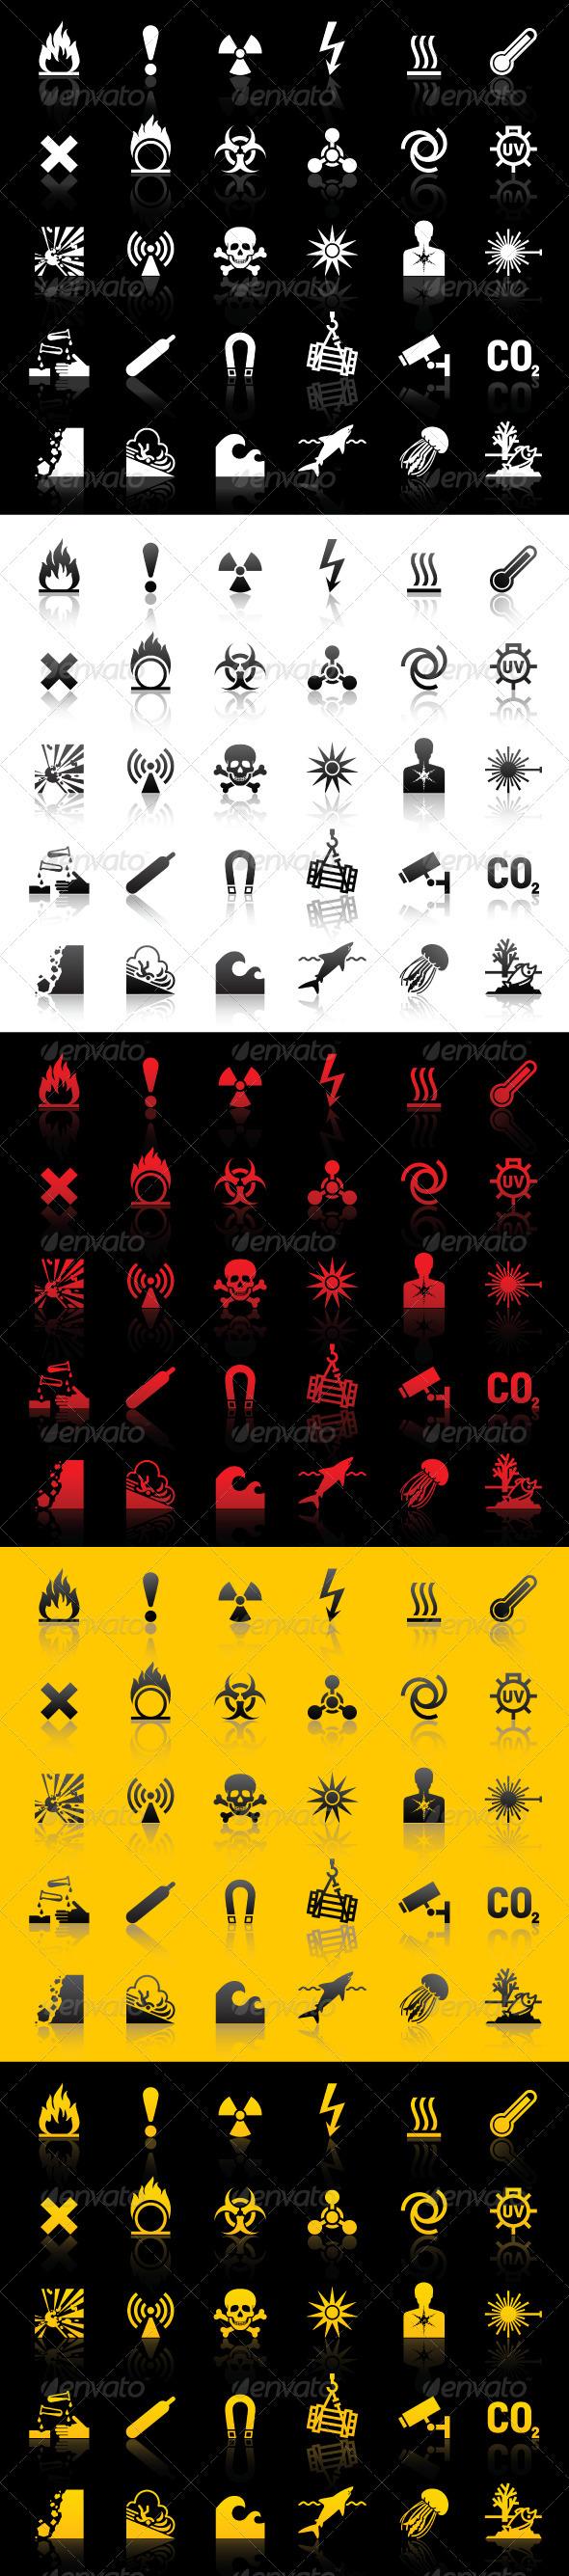 GraphicRiver Symbols - Hazard warnings 3567478